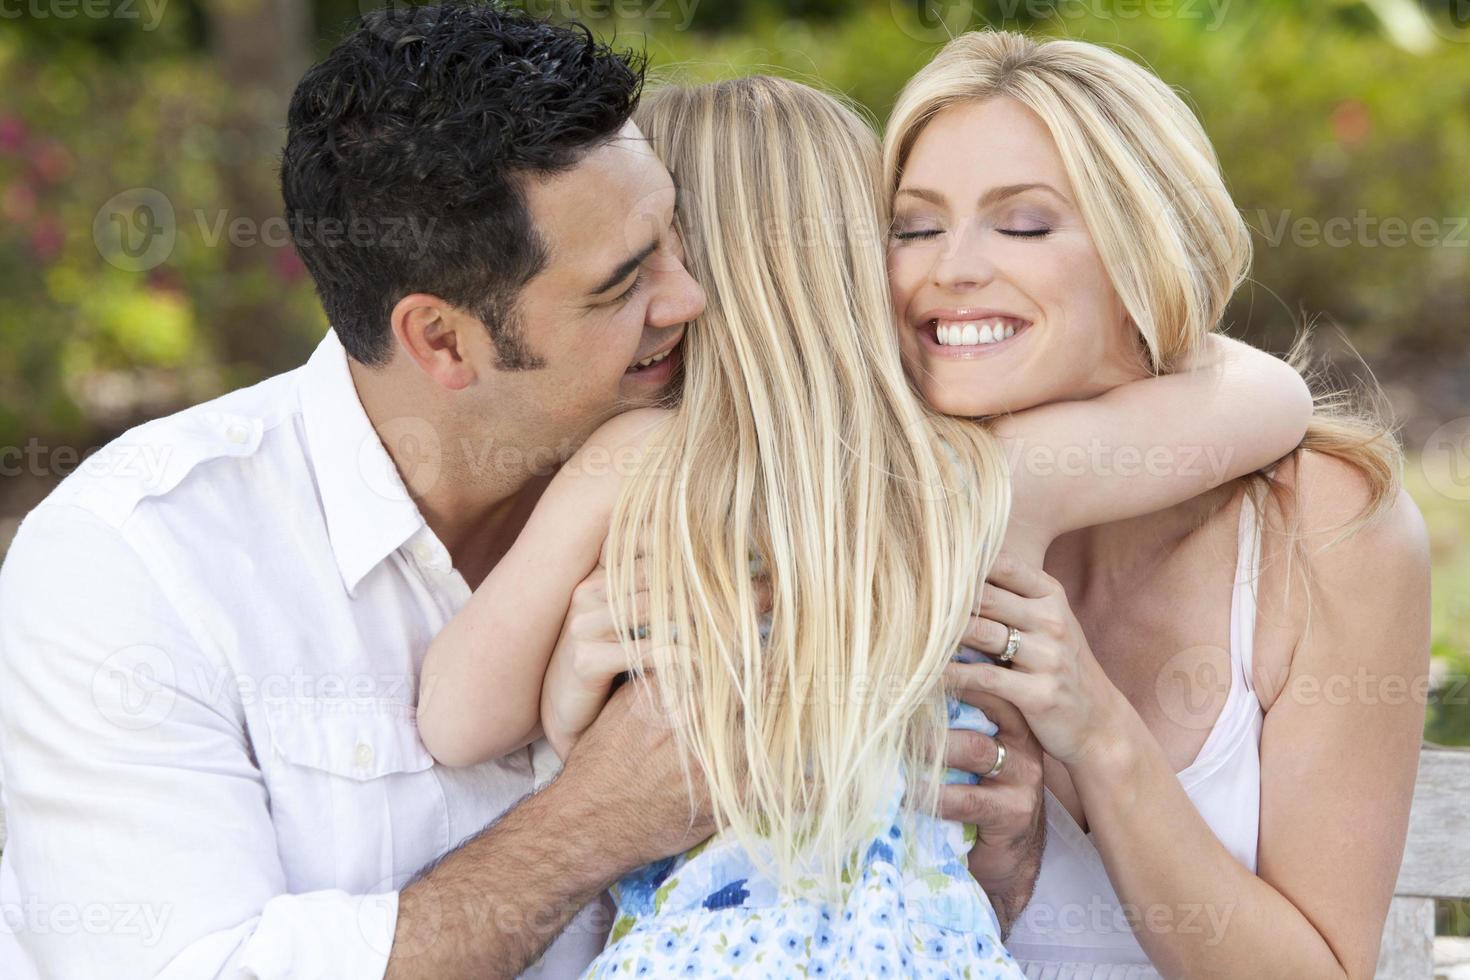 bambina che abbraccia i genitori felici nel parco o in giardino foto